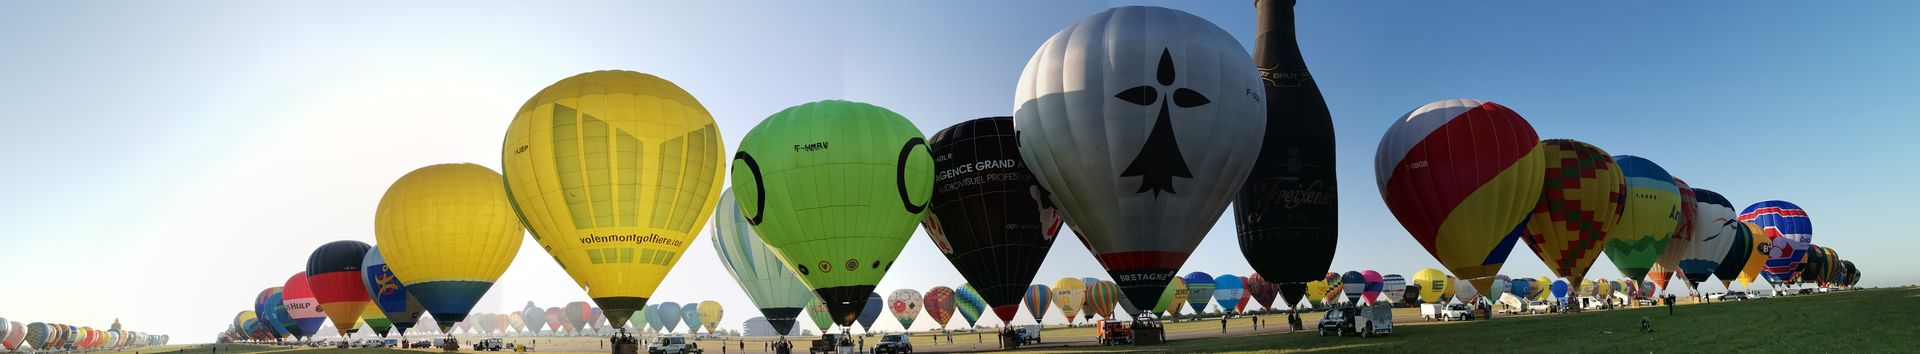 Cavok-Co-Mondial-Air-Ballon-2019